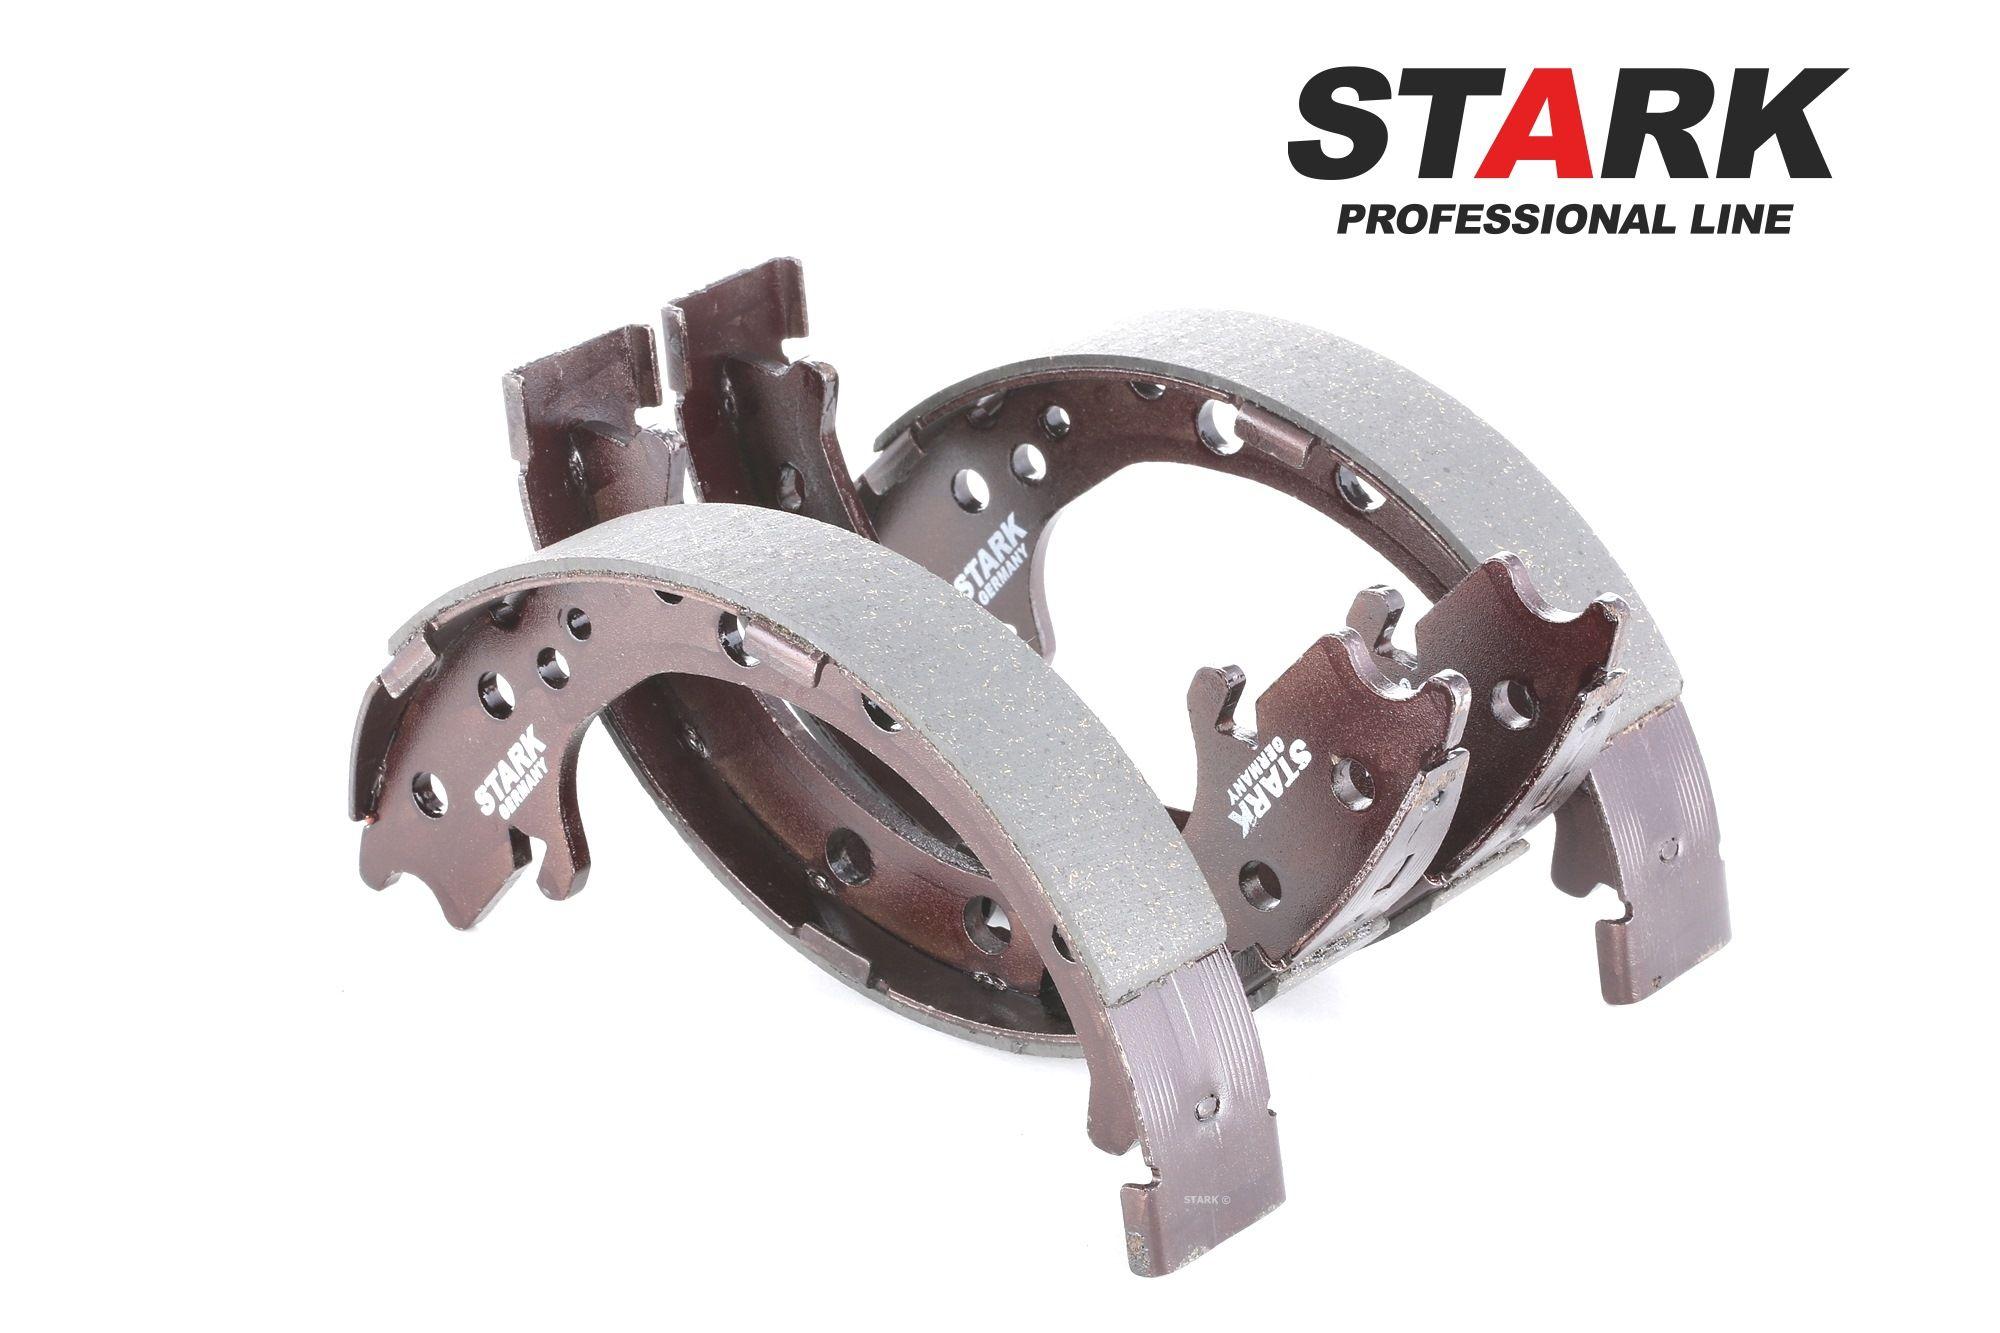 STARK: Original Bremsklötze für Trommelbremse SKBS-0450145 (Breite: 35mm)